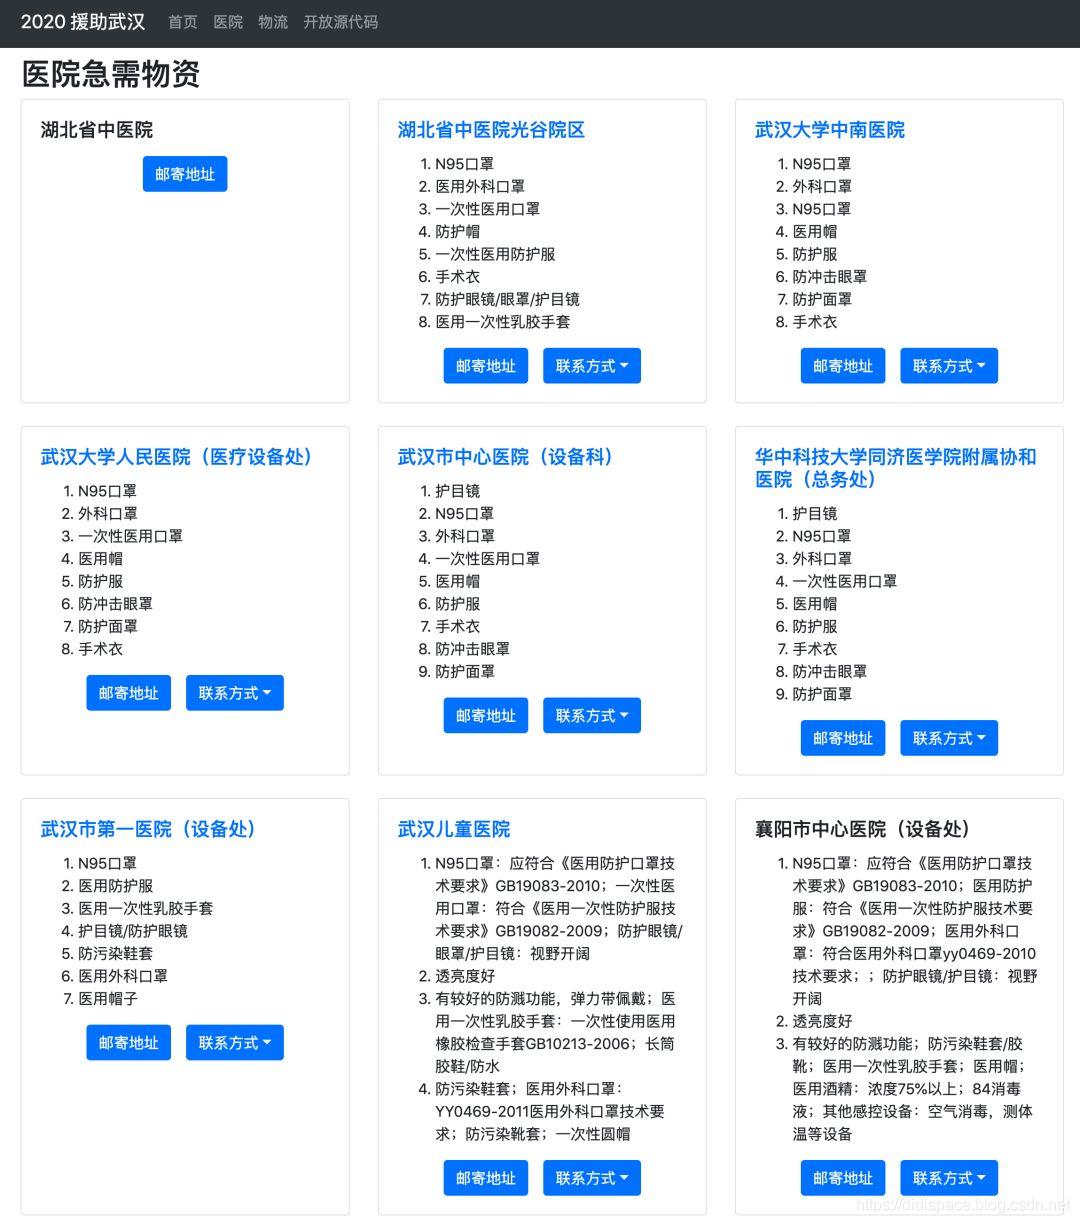 众志成城,共克时艰:GitHub惊现武汉防疫信息收集项目